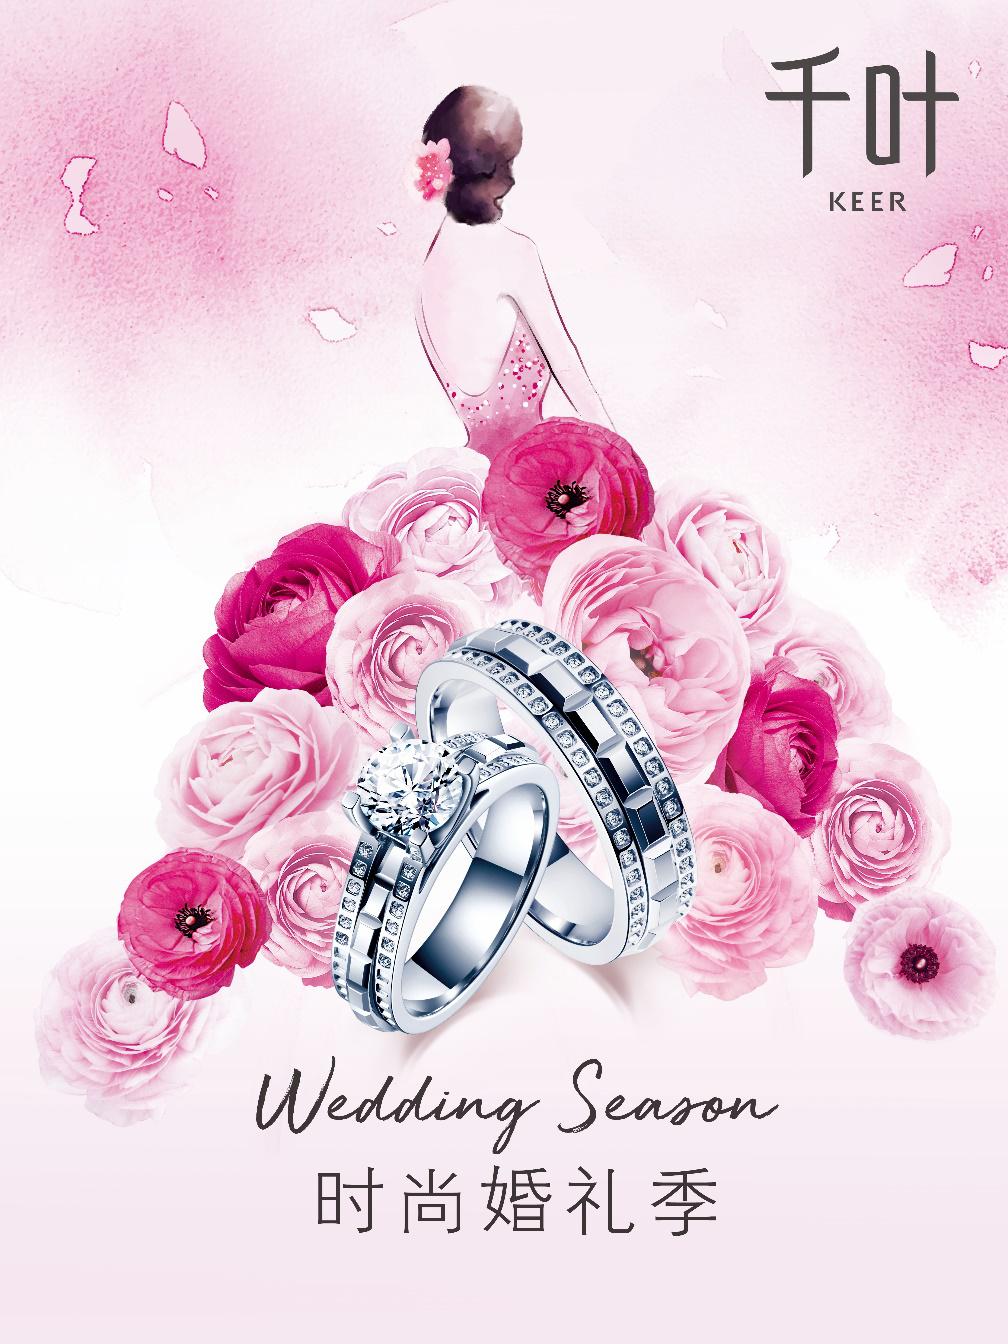 千叶珠宝让生活中的点滴幸福 以钻石的永恒铭记